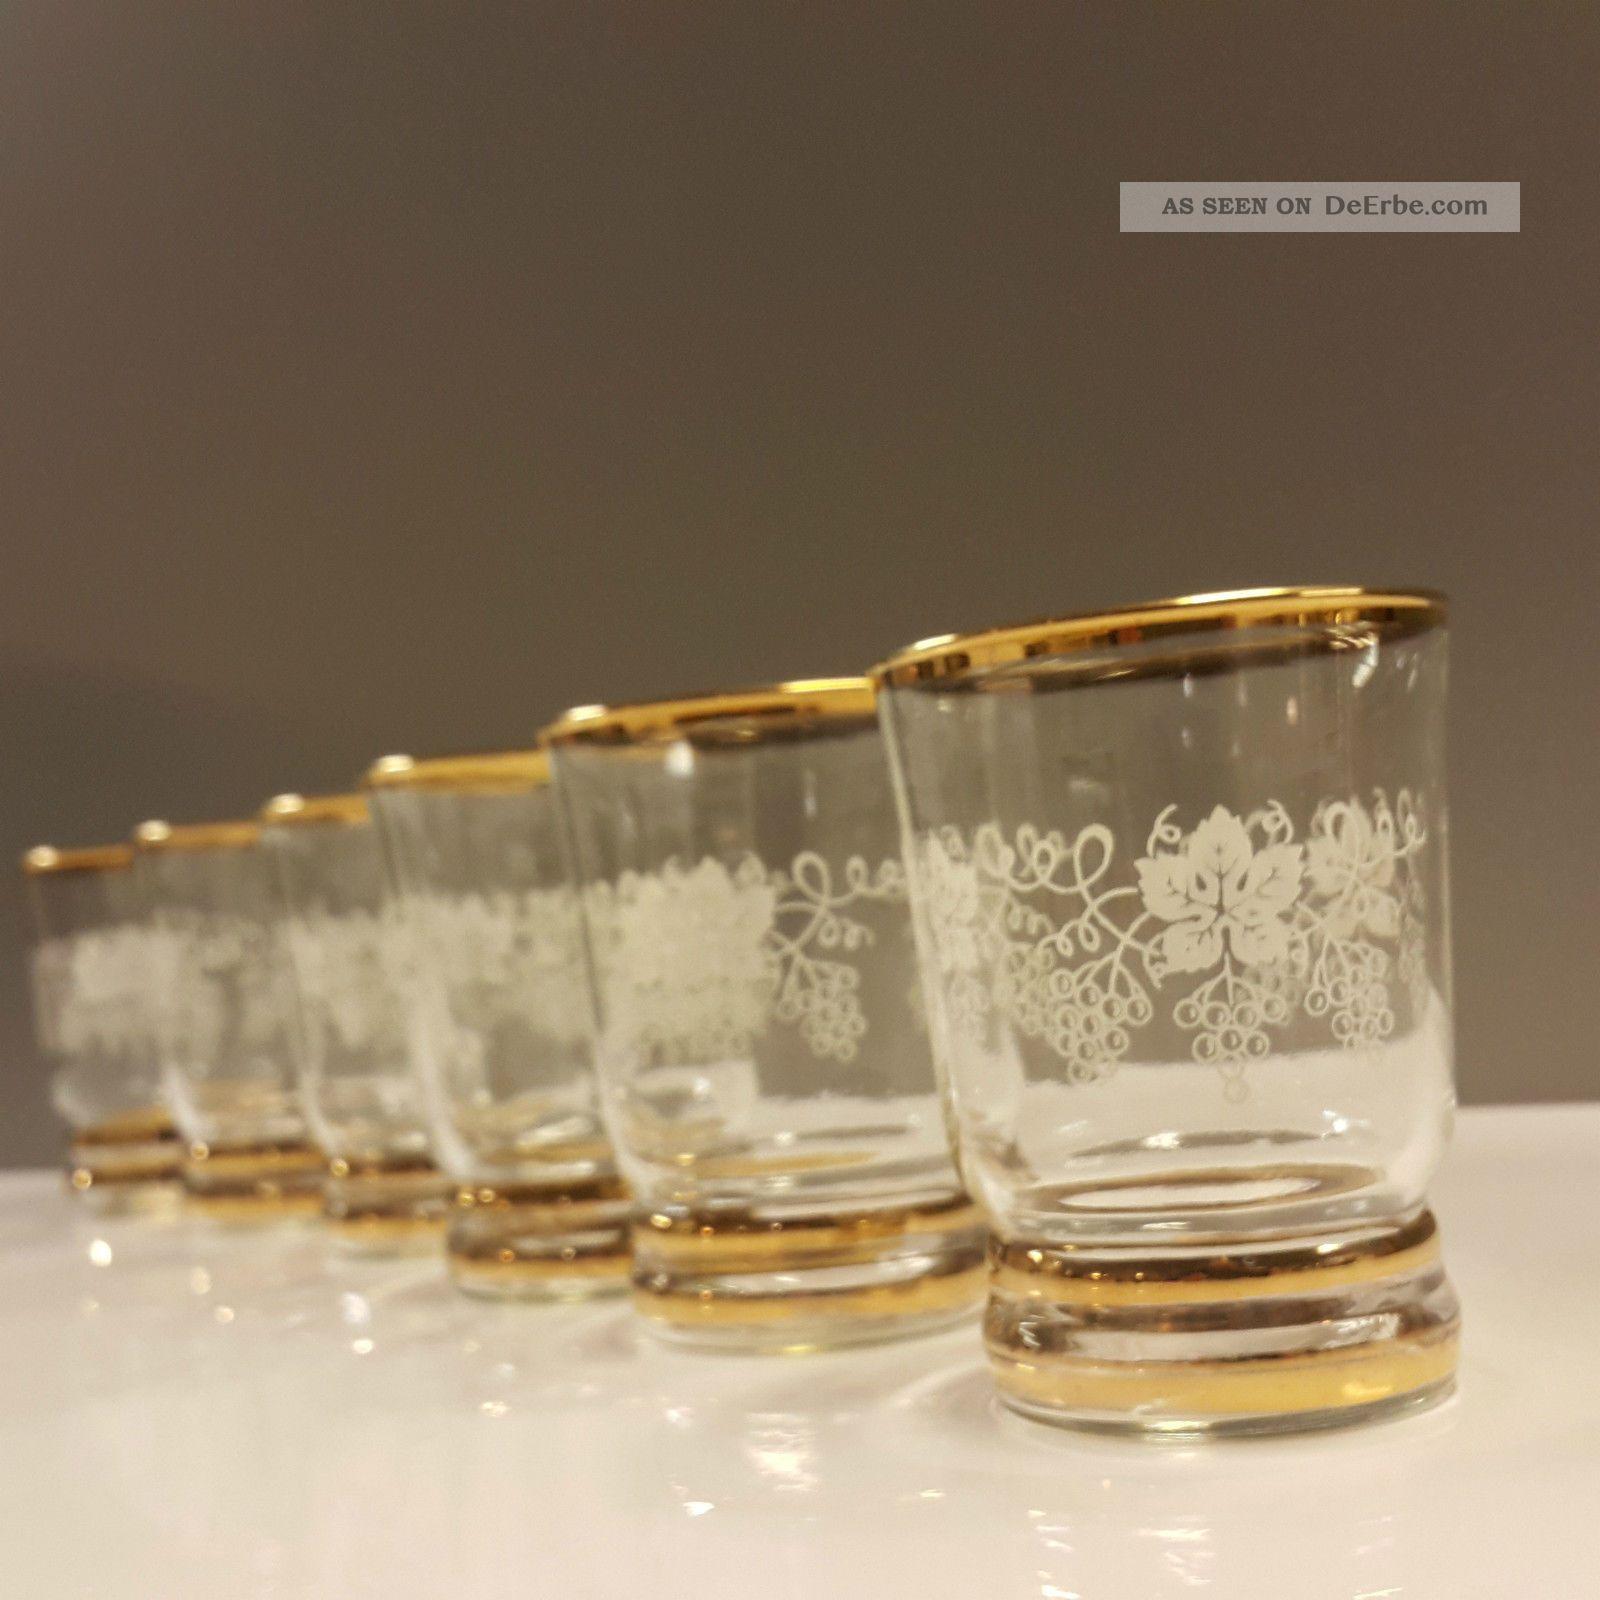 6 Weingläser Becherglas Goldrand Weinlaub Weintaruben Dekor Vintage Kristall Bild